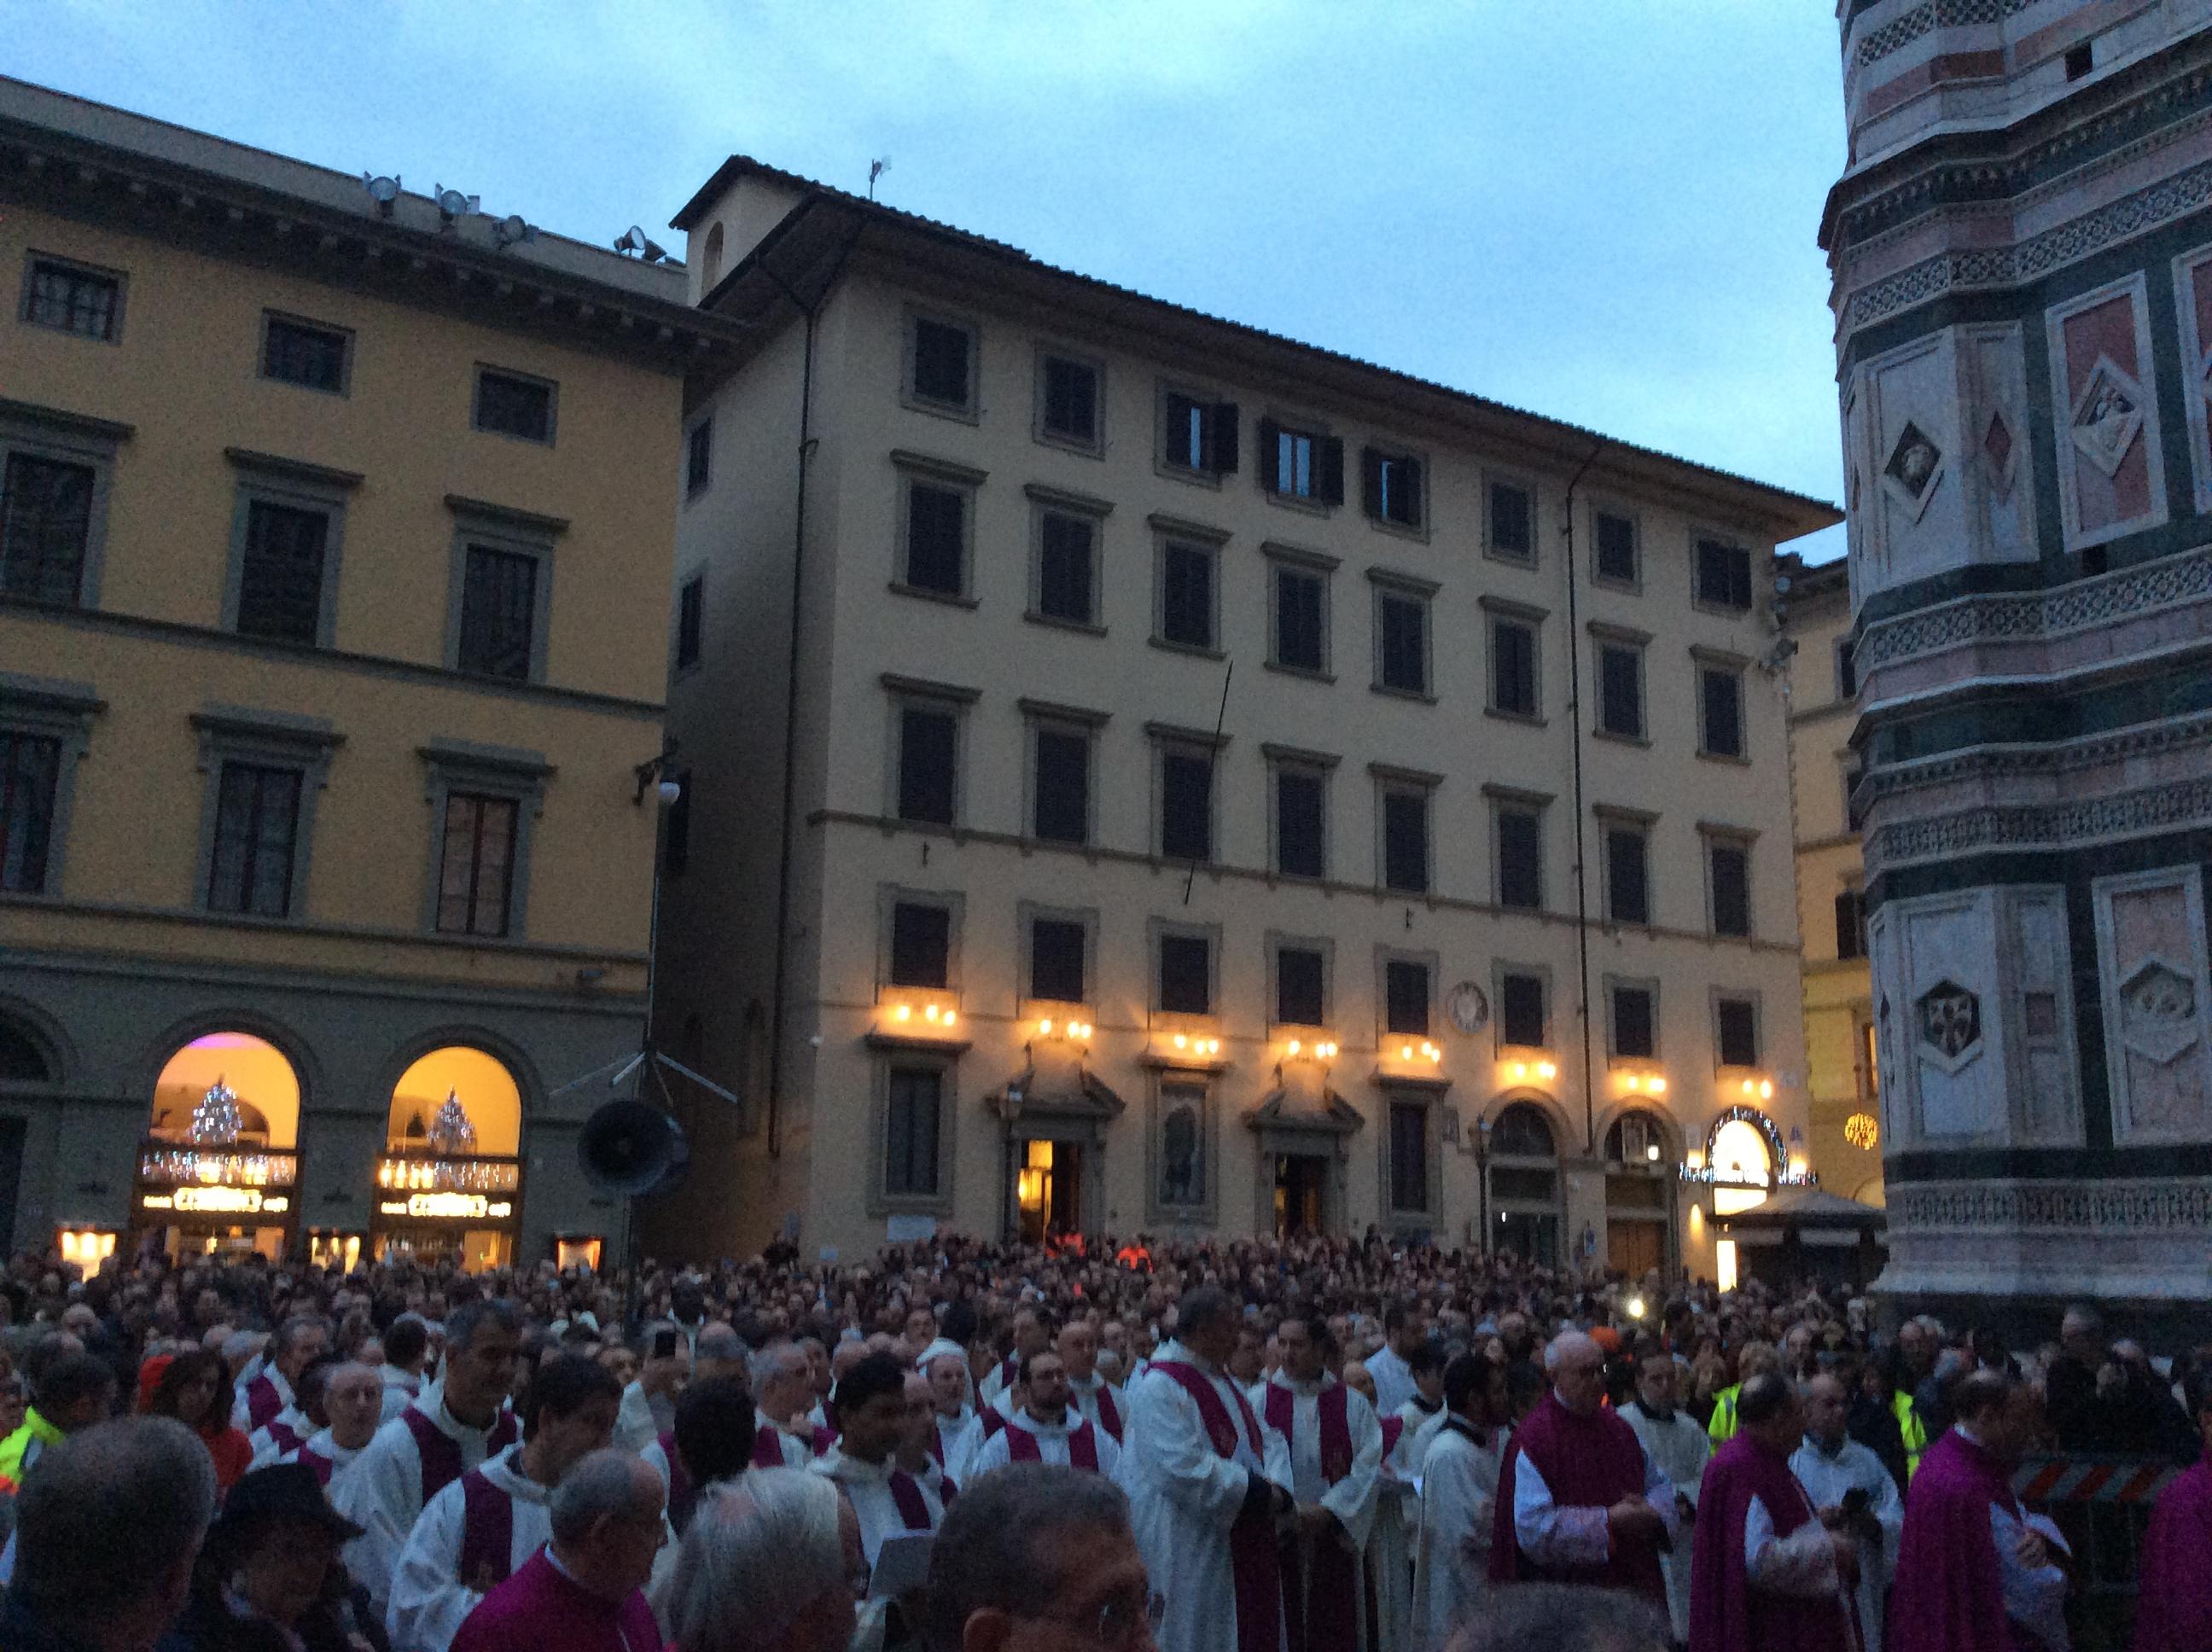 Aperta la porta santa a firenze 10mila persone solo nella - Immagini porta santa ...